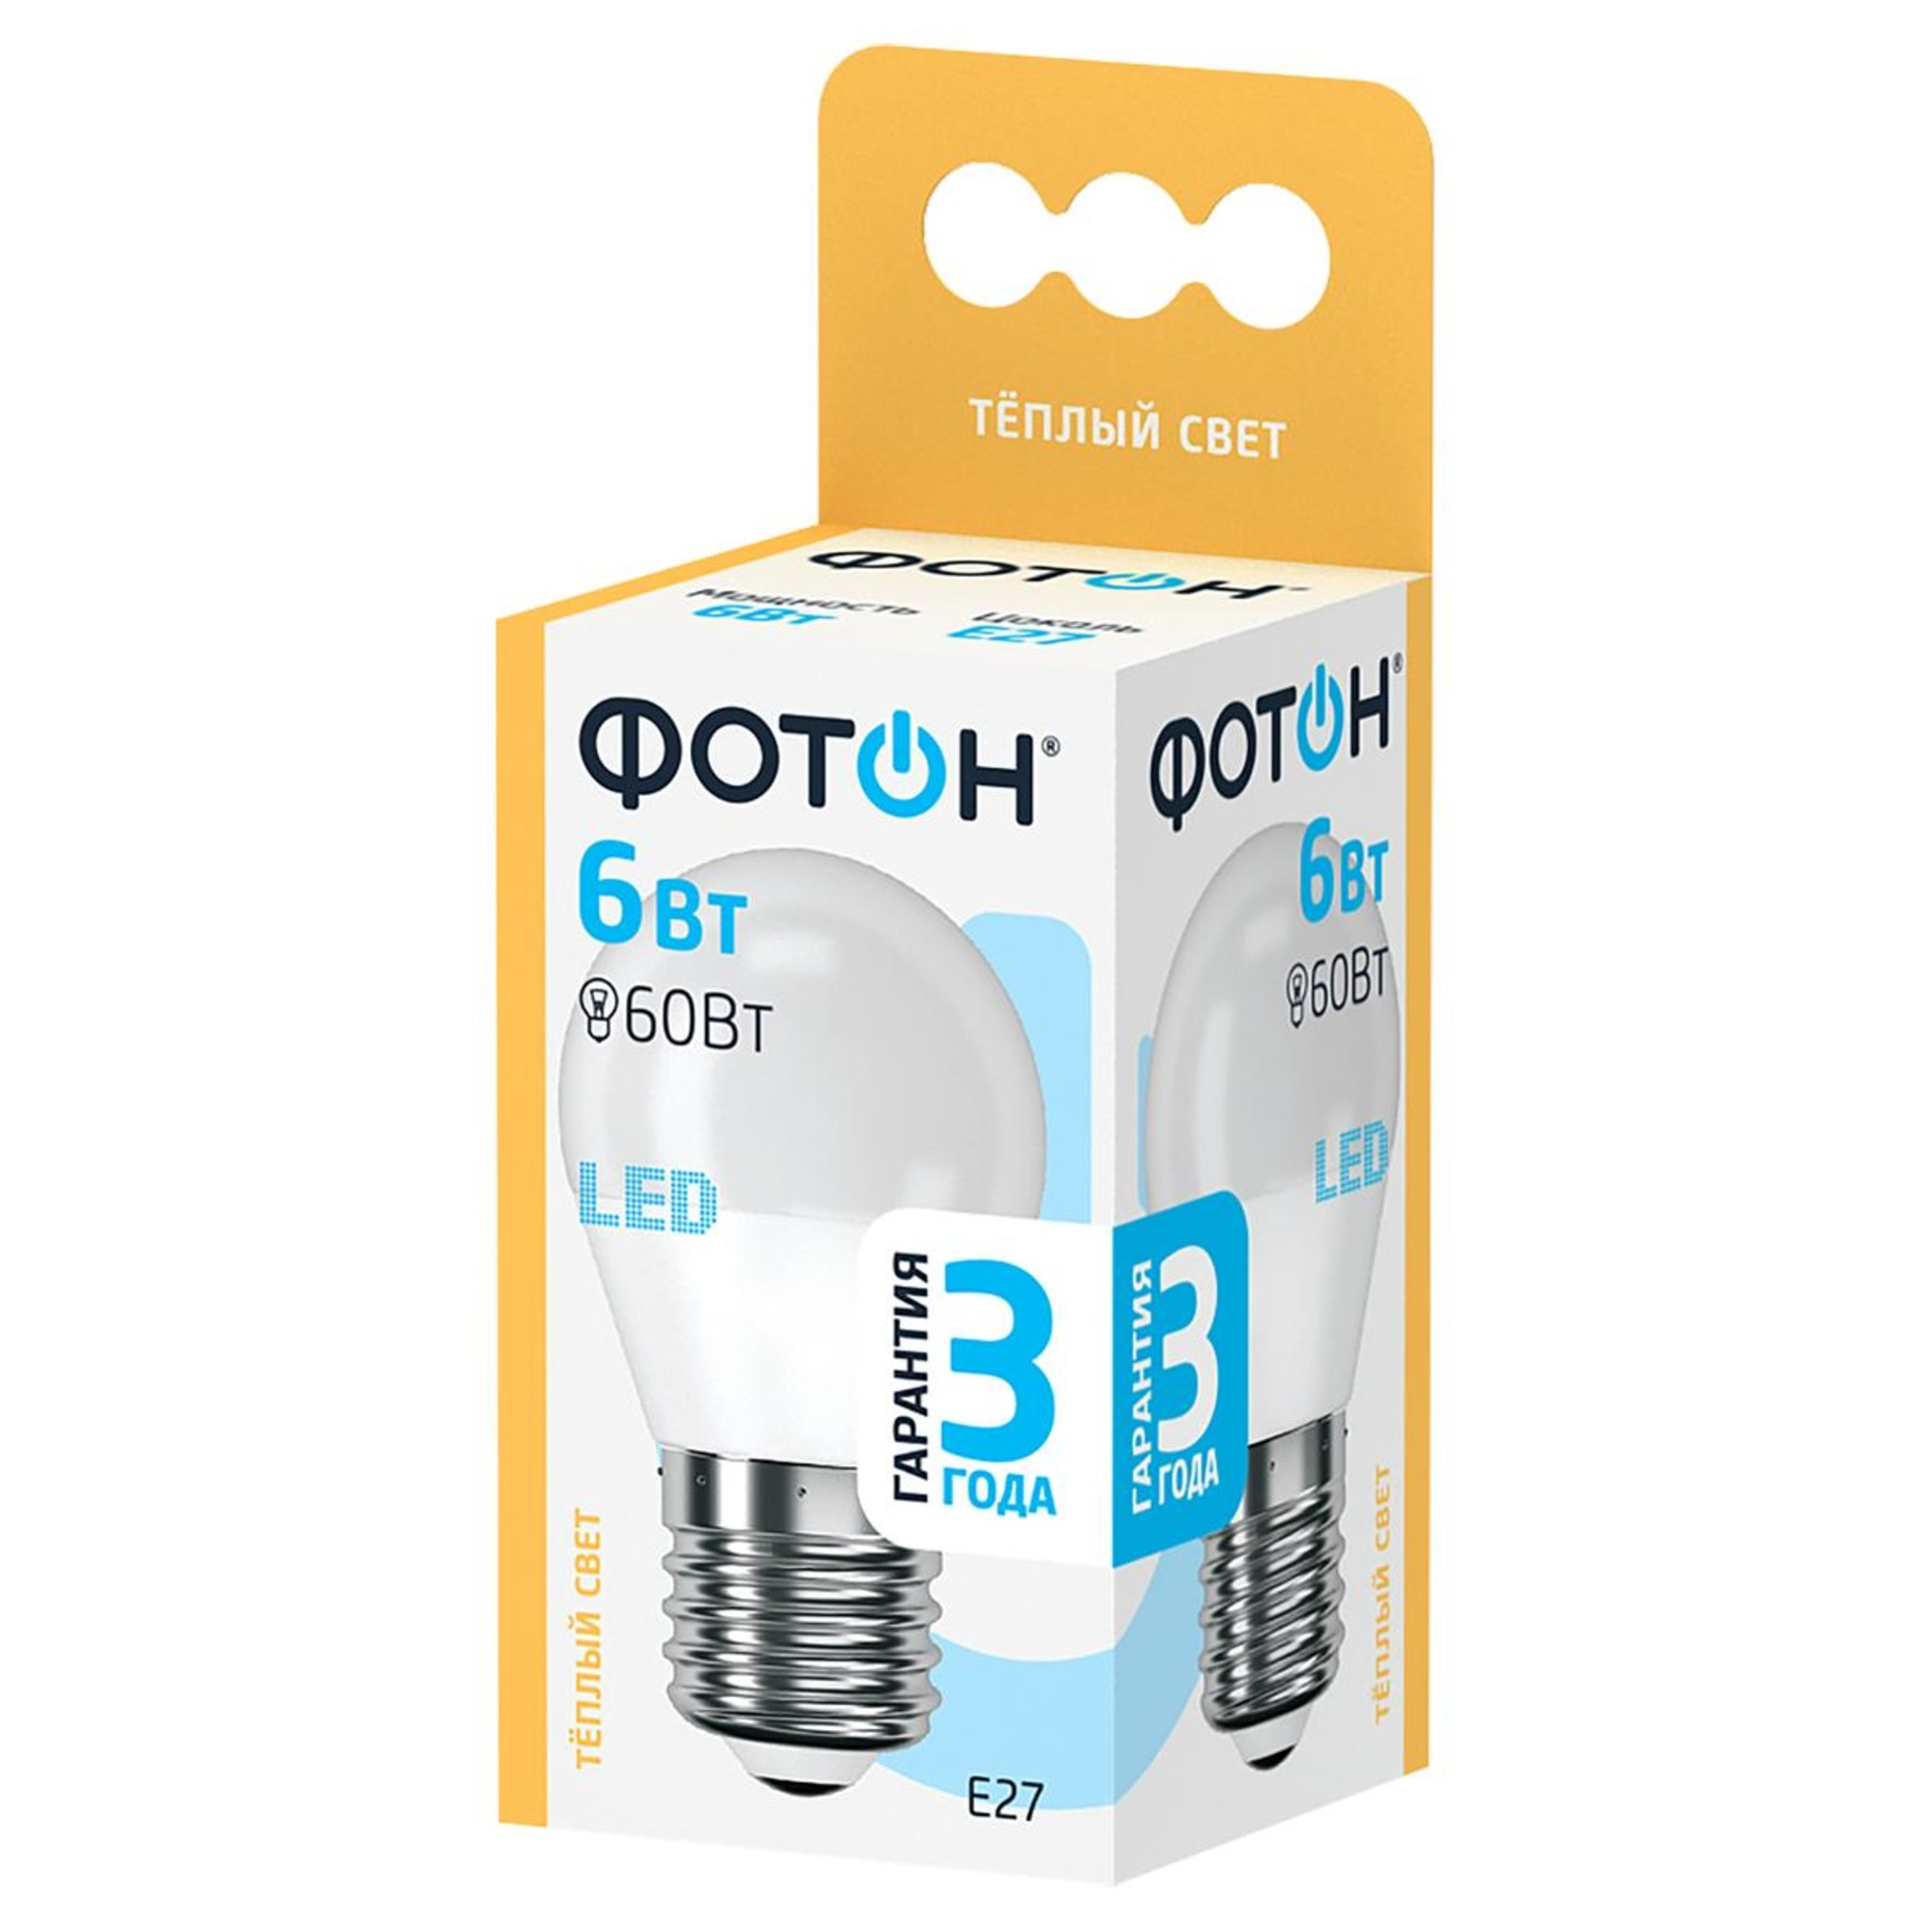 Светодиодная лампочка Фотон 22817 E27 530 Лм 6 Вт